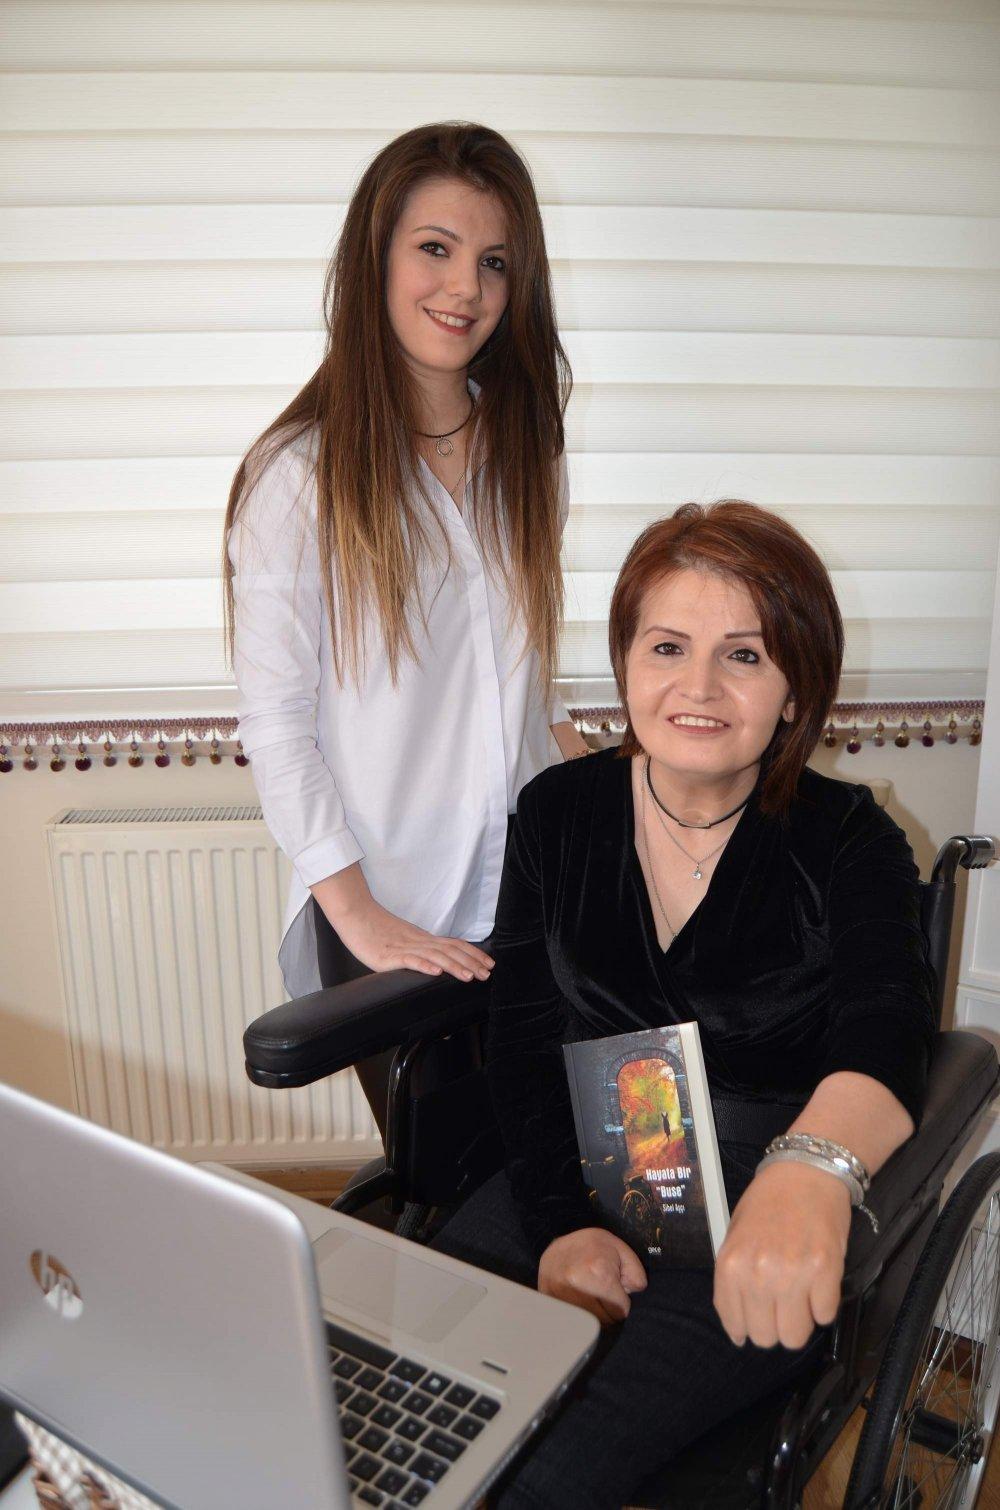 Trabzonlu Sibel öğretmen hayal ettiği kitabını yazdı